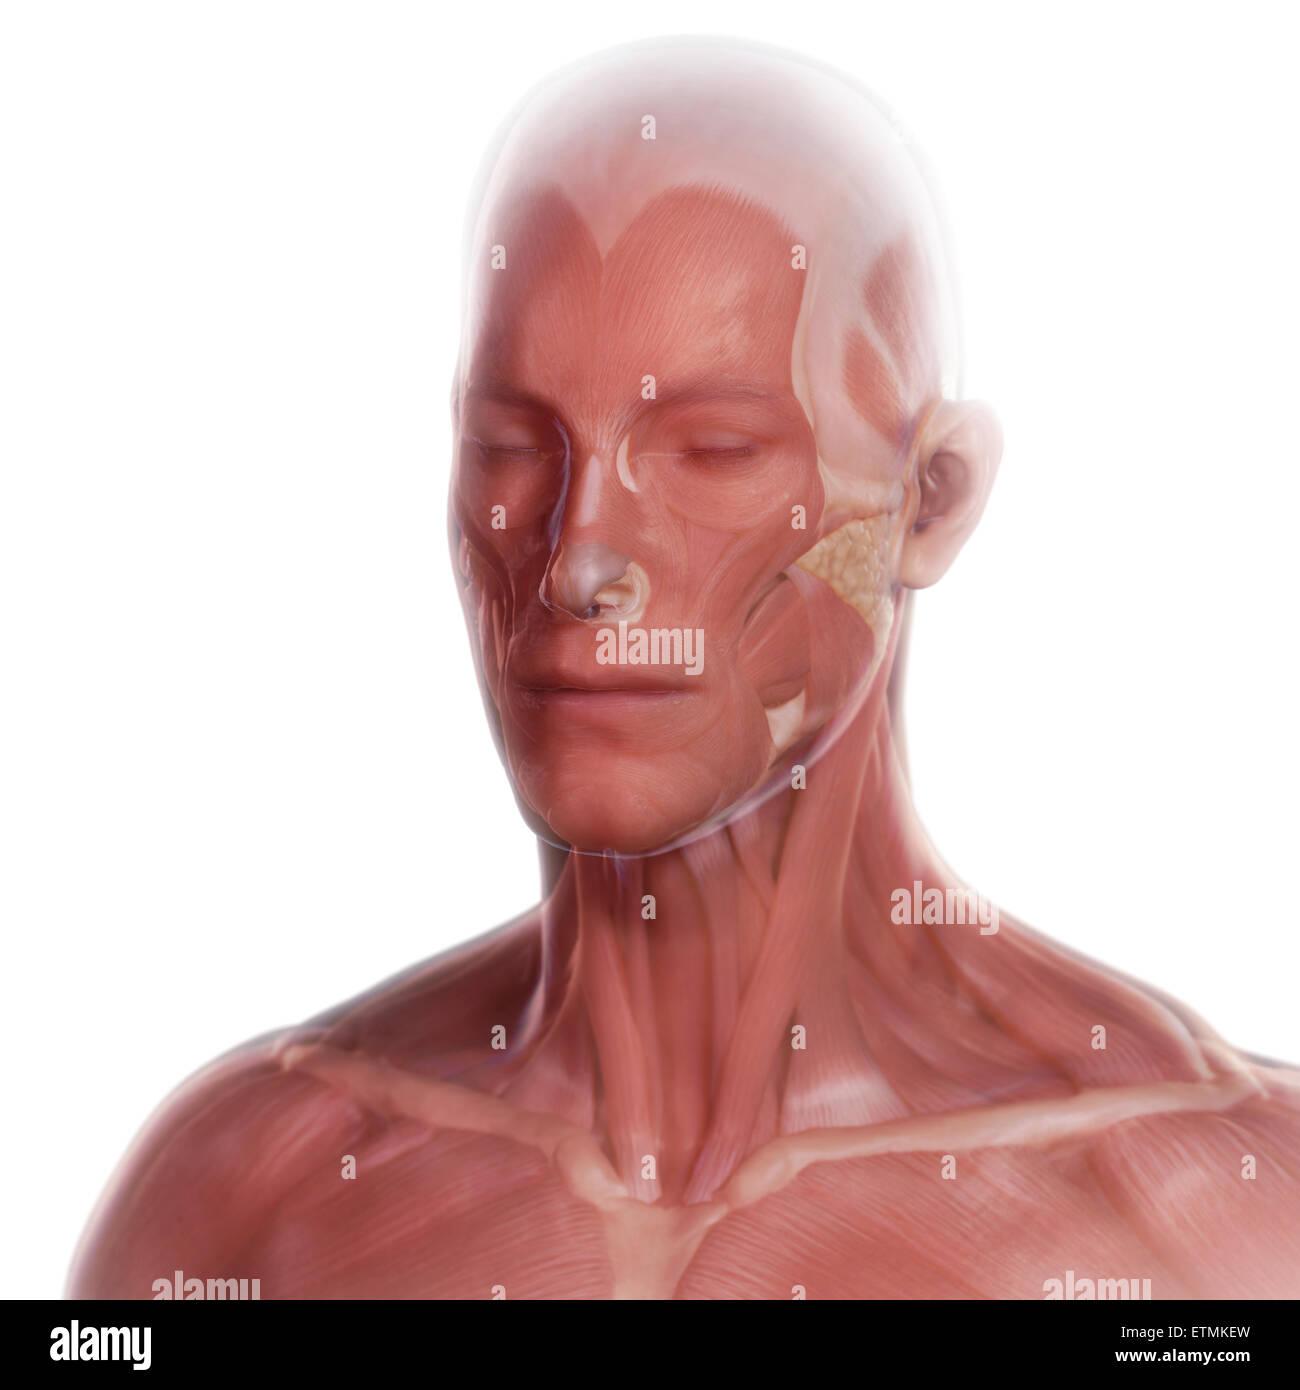 Konzeptbild der Muskeln des Gesichts Stockfoto, Bild: 84047569 - Alamy